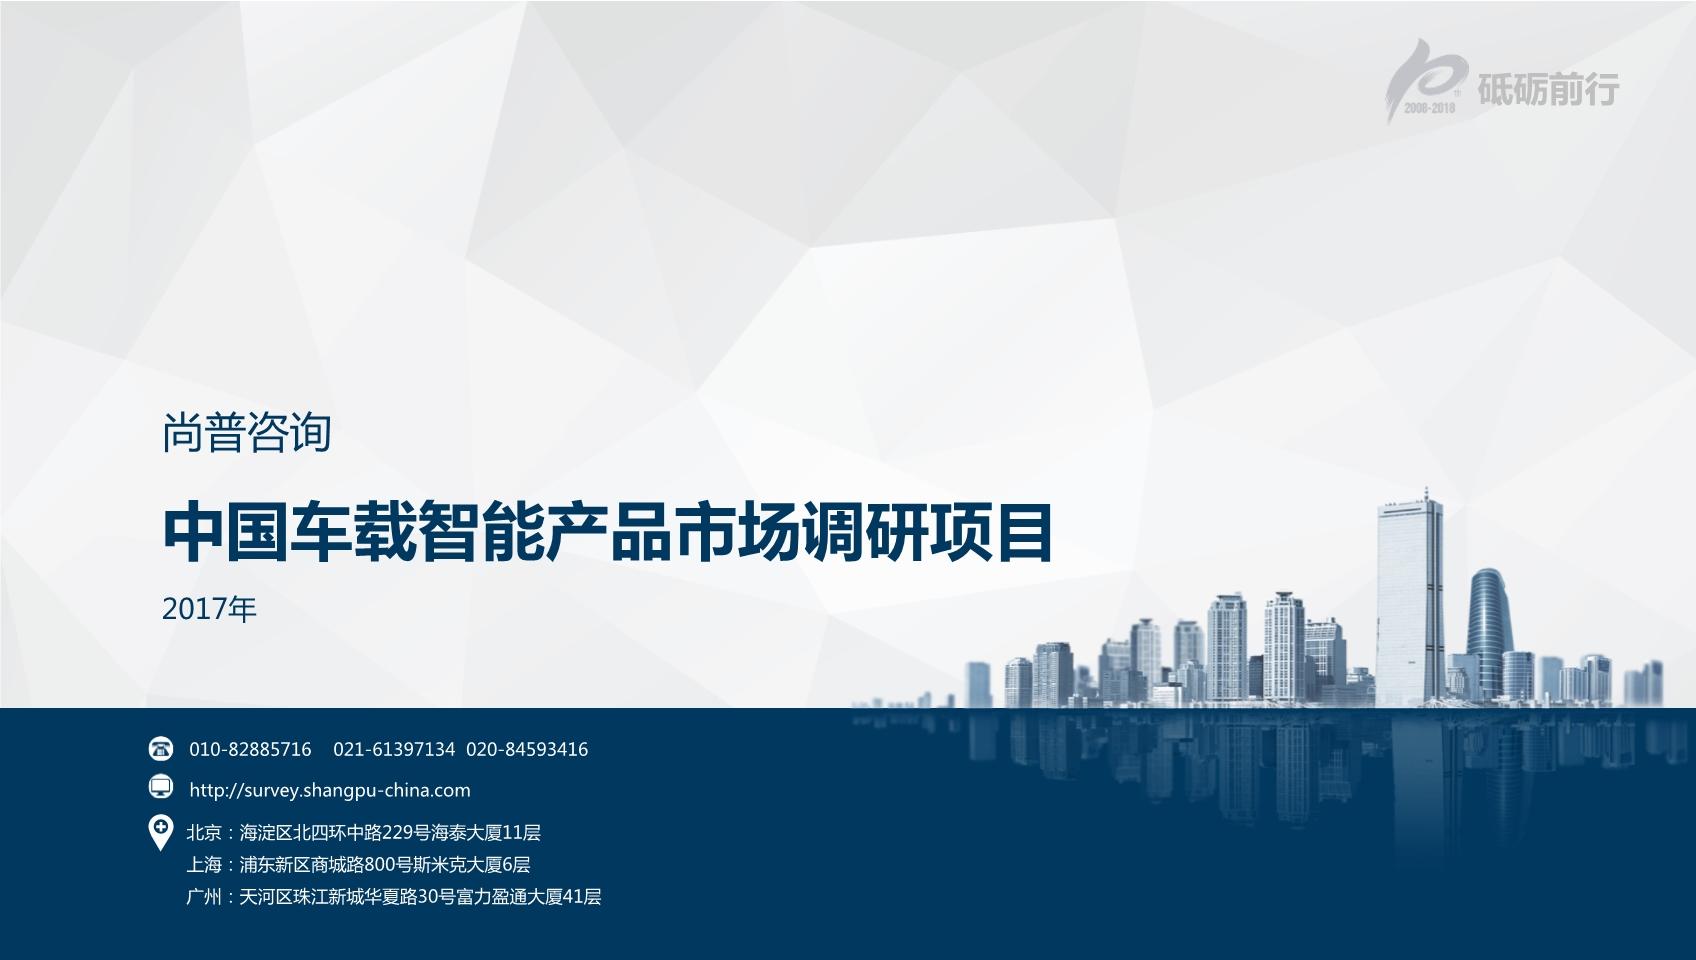 尚普咨询-中国车载智能产品市场专题调研